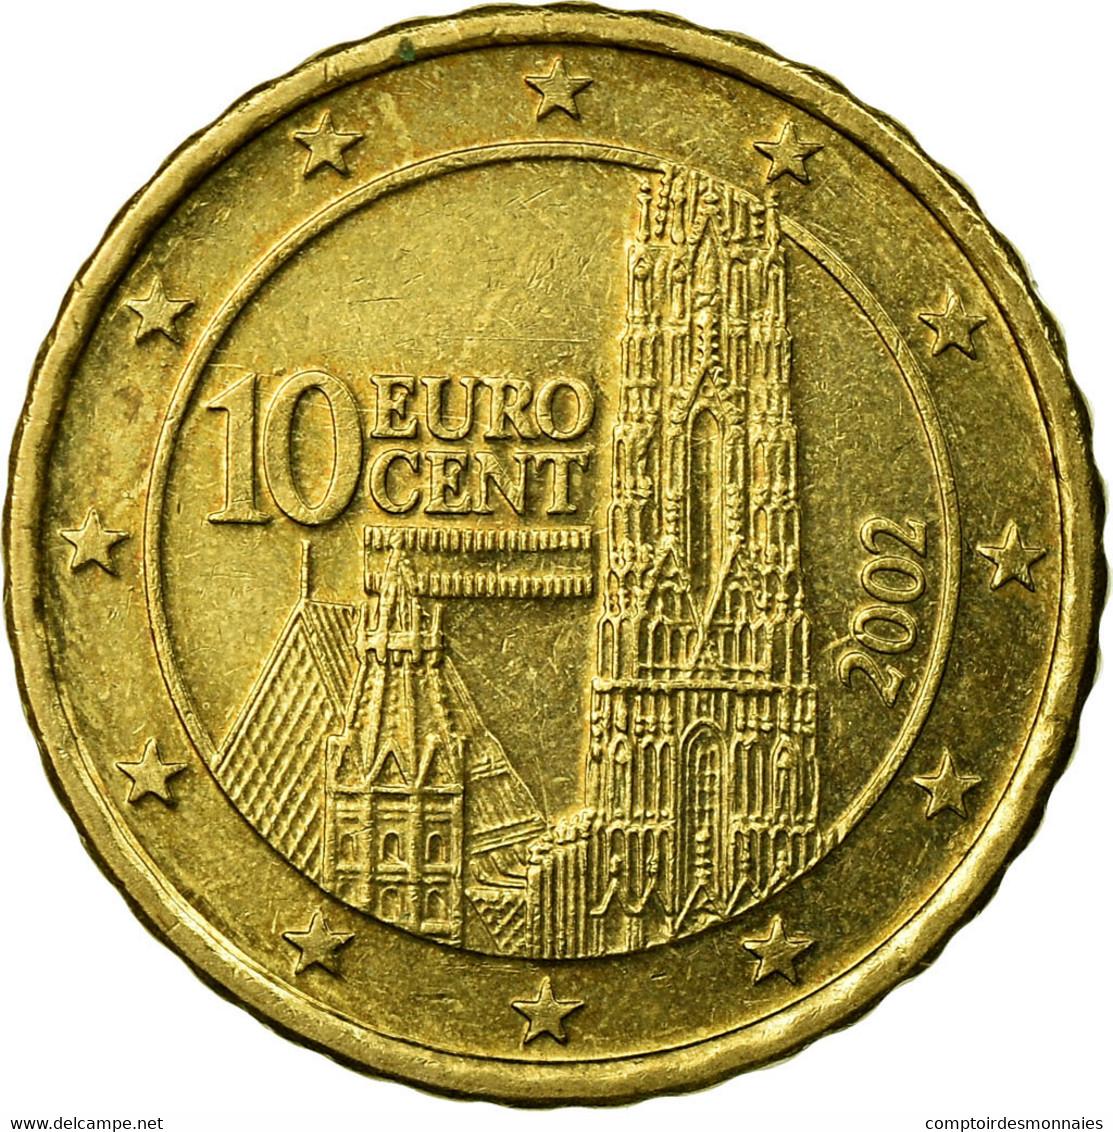 Autriche, 10 Euro Cent, 2002, TTB, Laiton, KM:3085 - Autriche